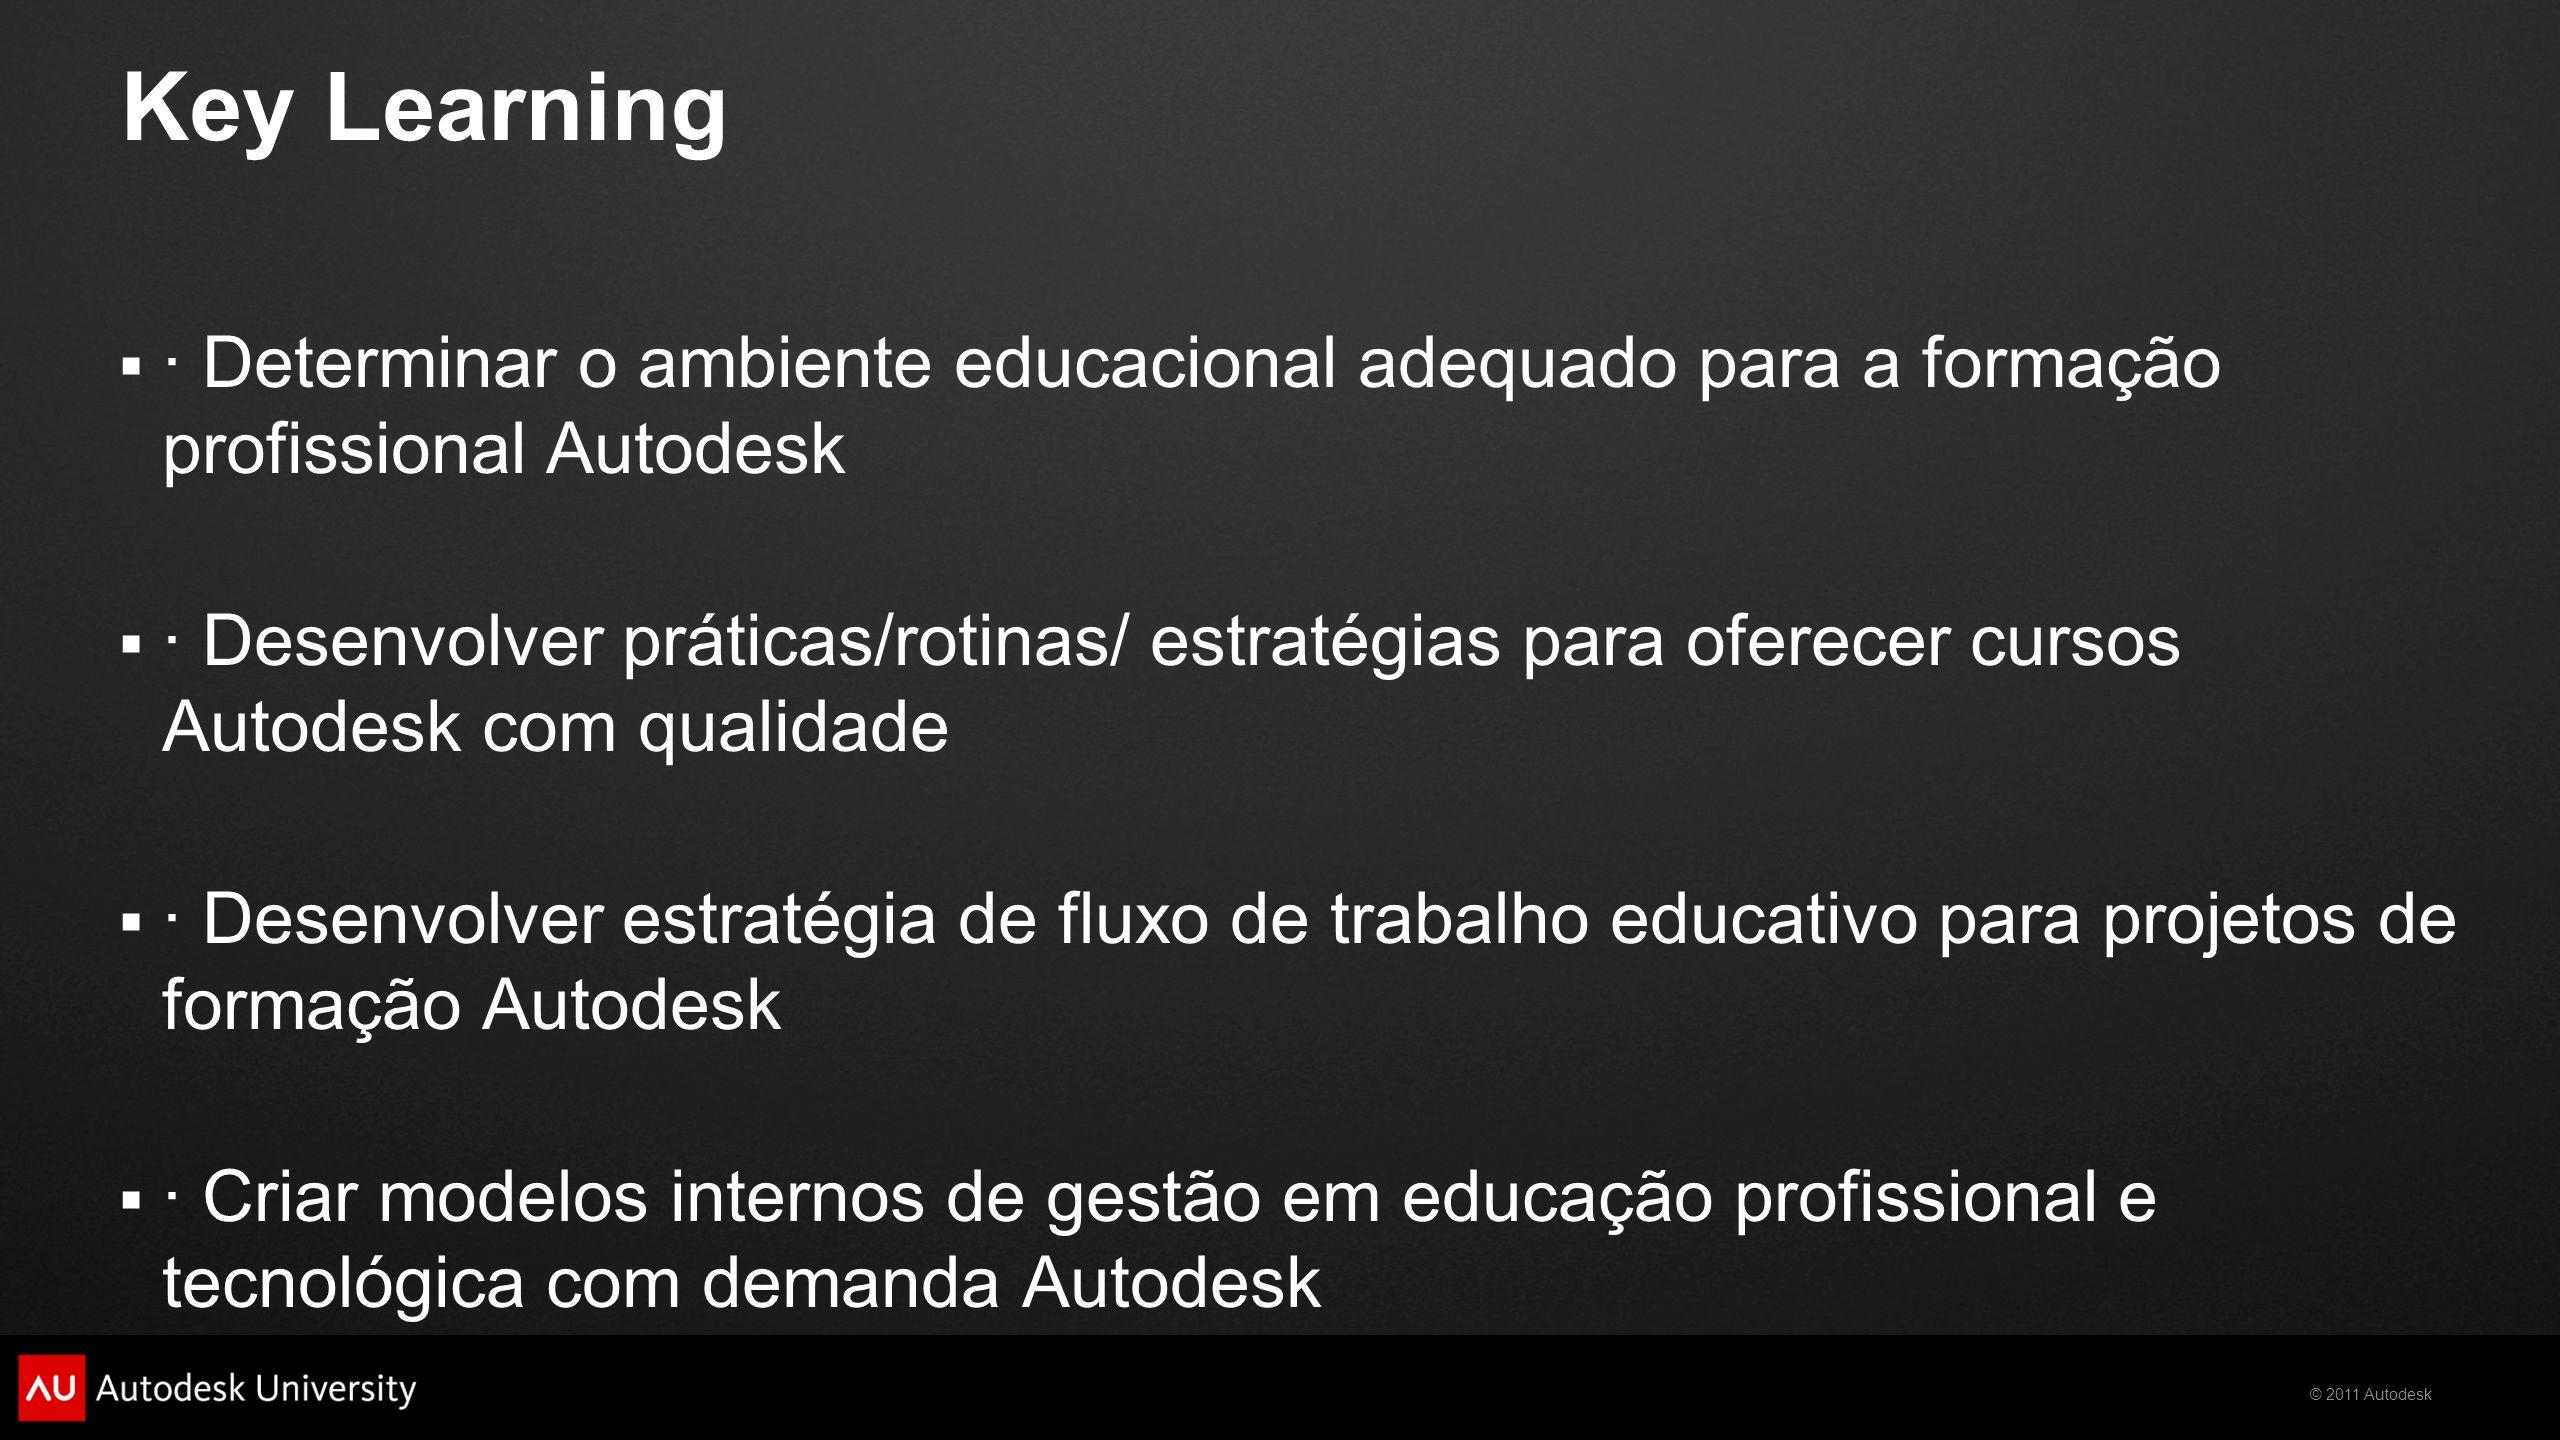 © 2011 Autodesk Key Learning  · Determinar o ambiente educacional adequado para a formação profissional Autodesk  · Desenvolver práticas/rotinas/ estratégias para oferecer cursos Autodesk com qualidade  · Desenvolver estratégia de fluxo de trabalho educativo para projetos de formação Autodesk  · Criar modelos internos de gestão em educação profissional e tecnológica com demanda Autodesk